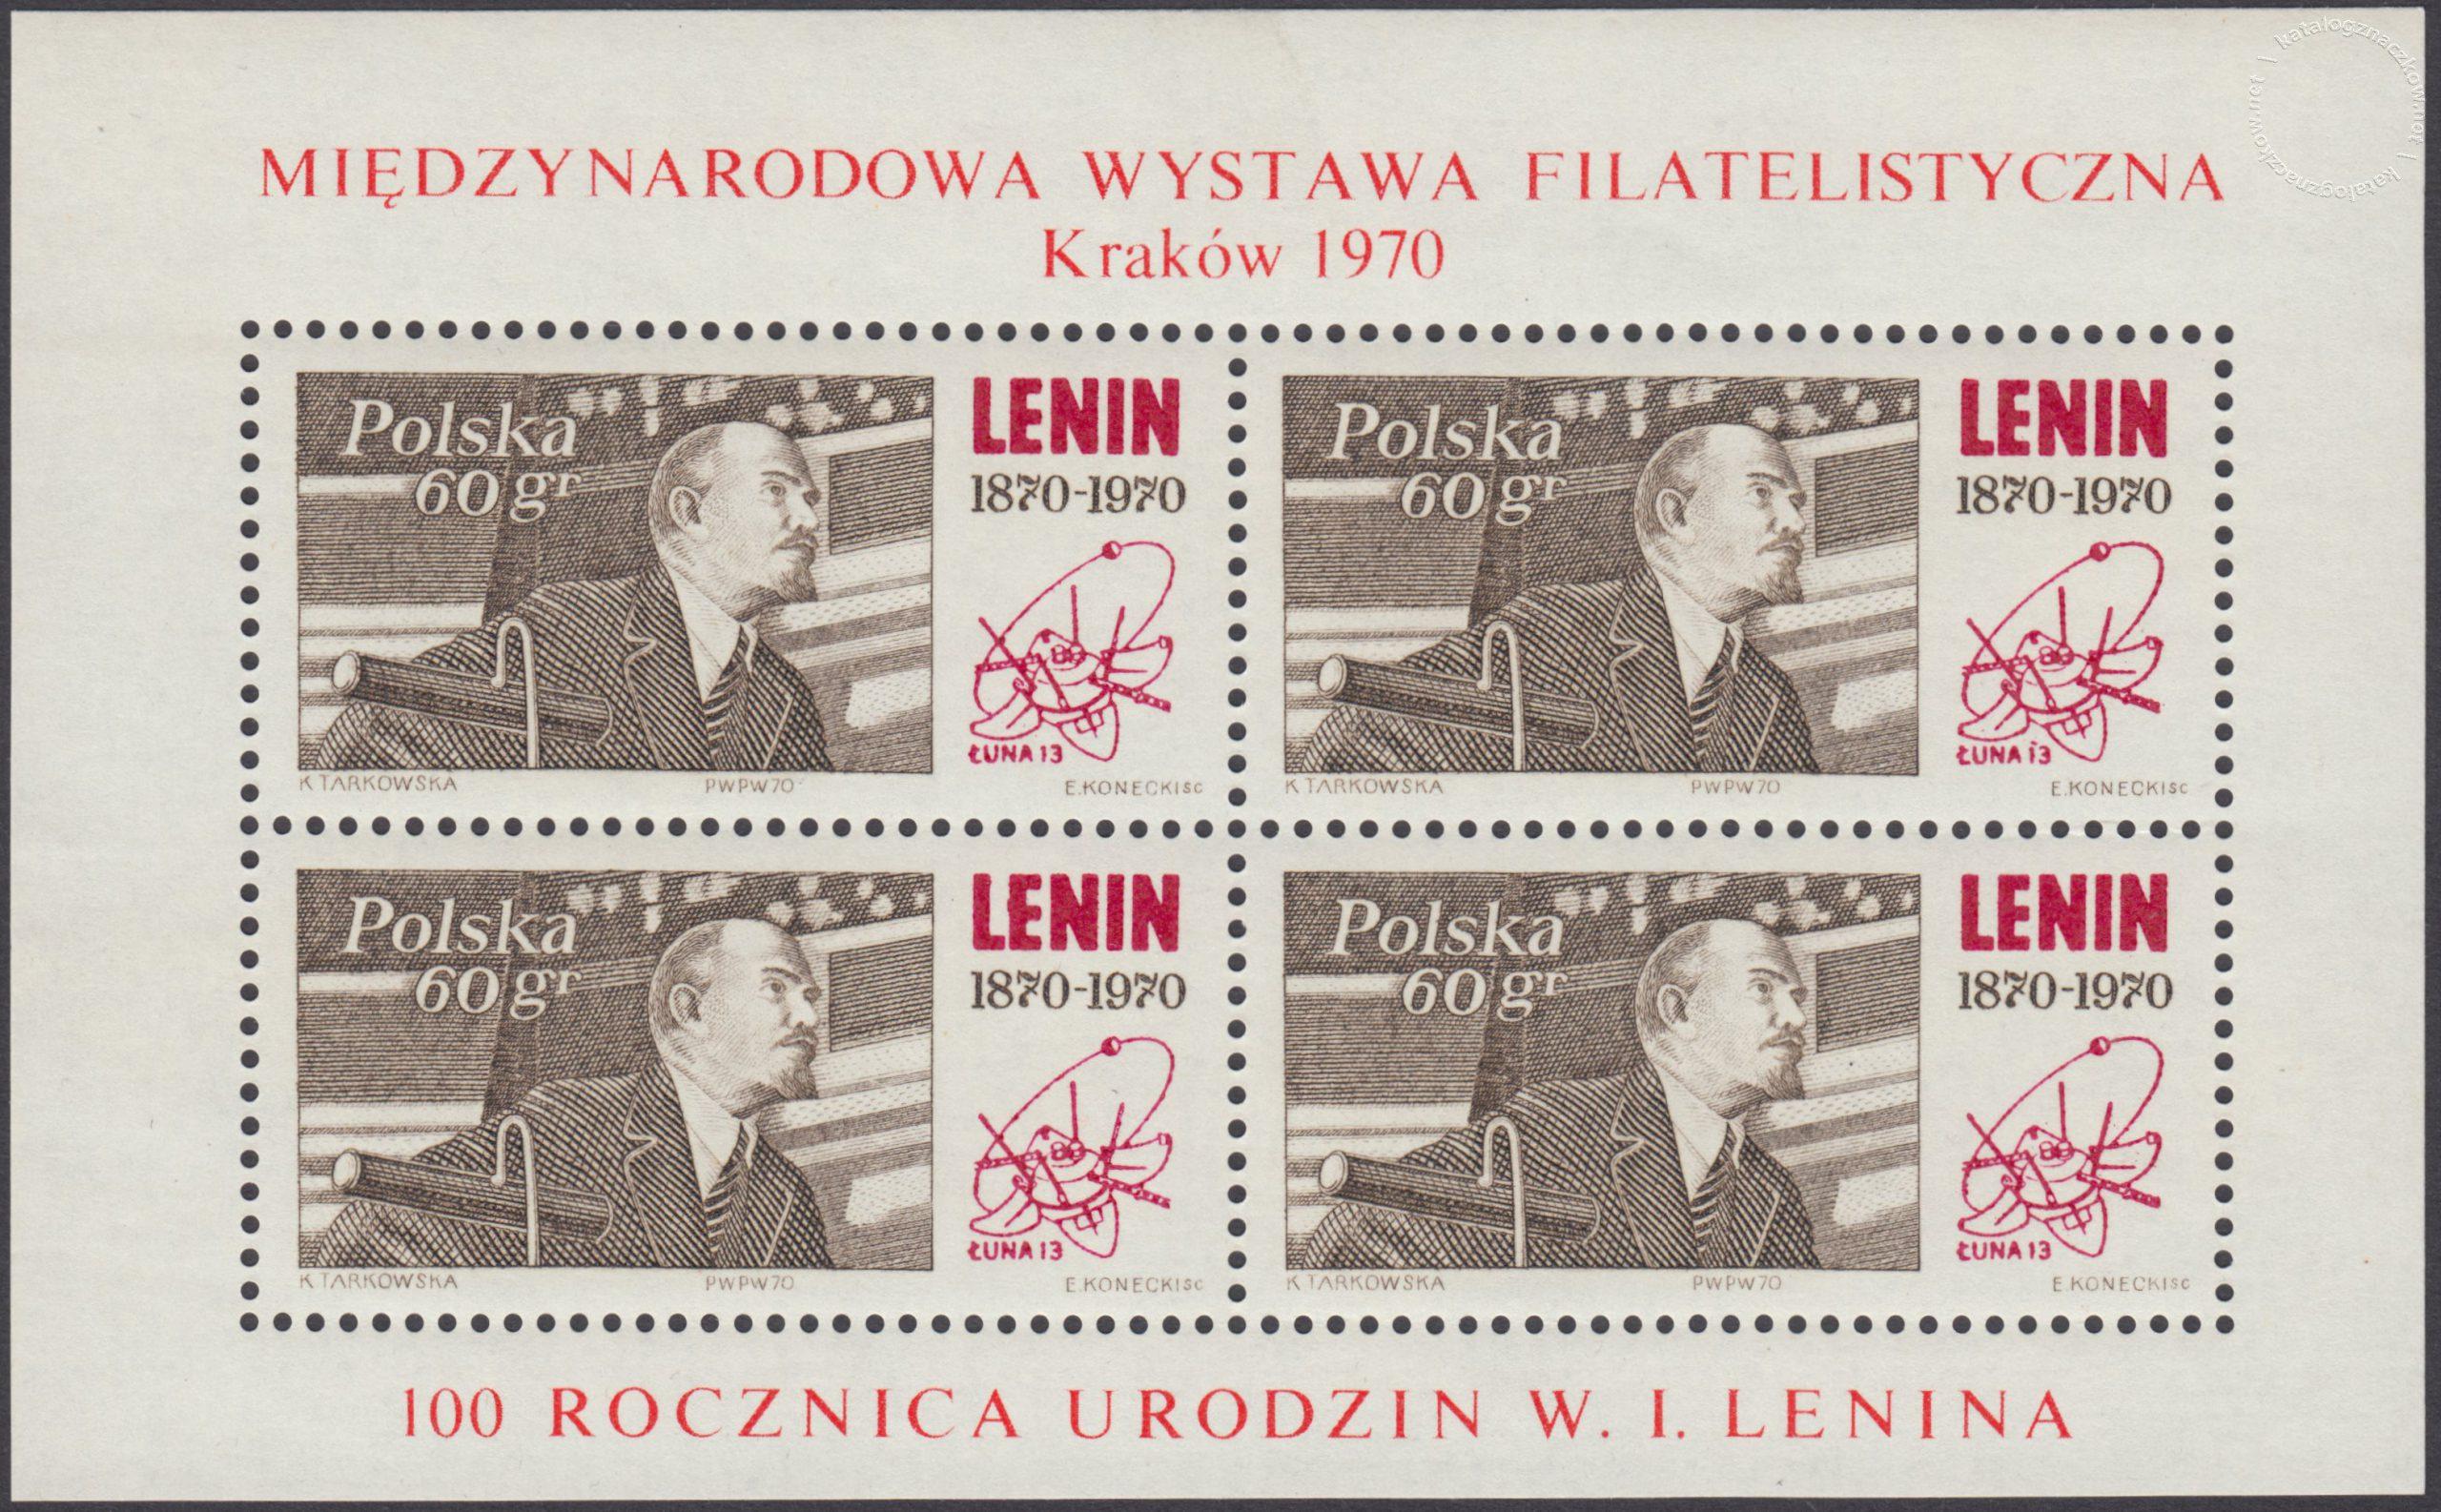 100 rocznica urodzin Włodzimierza Lenina ark. 1850